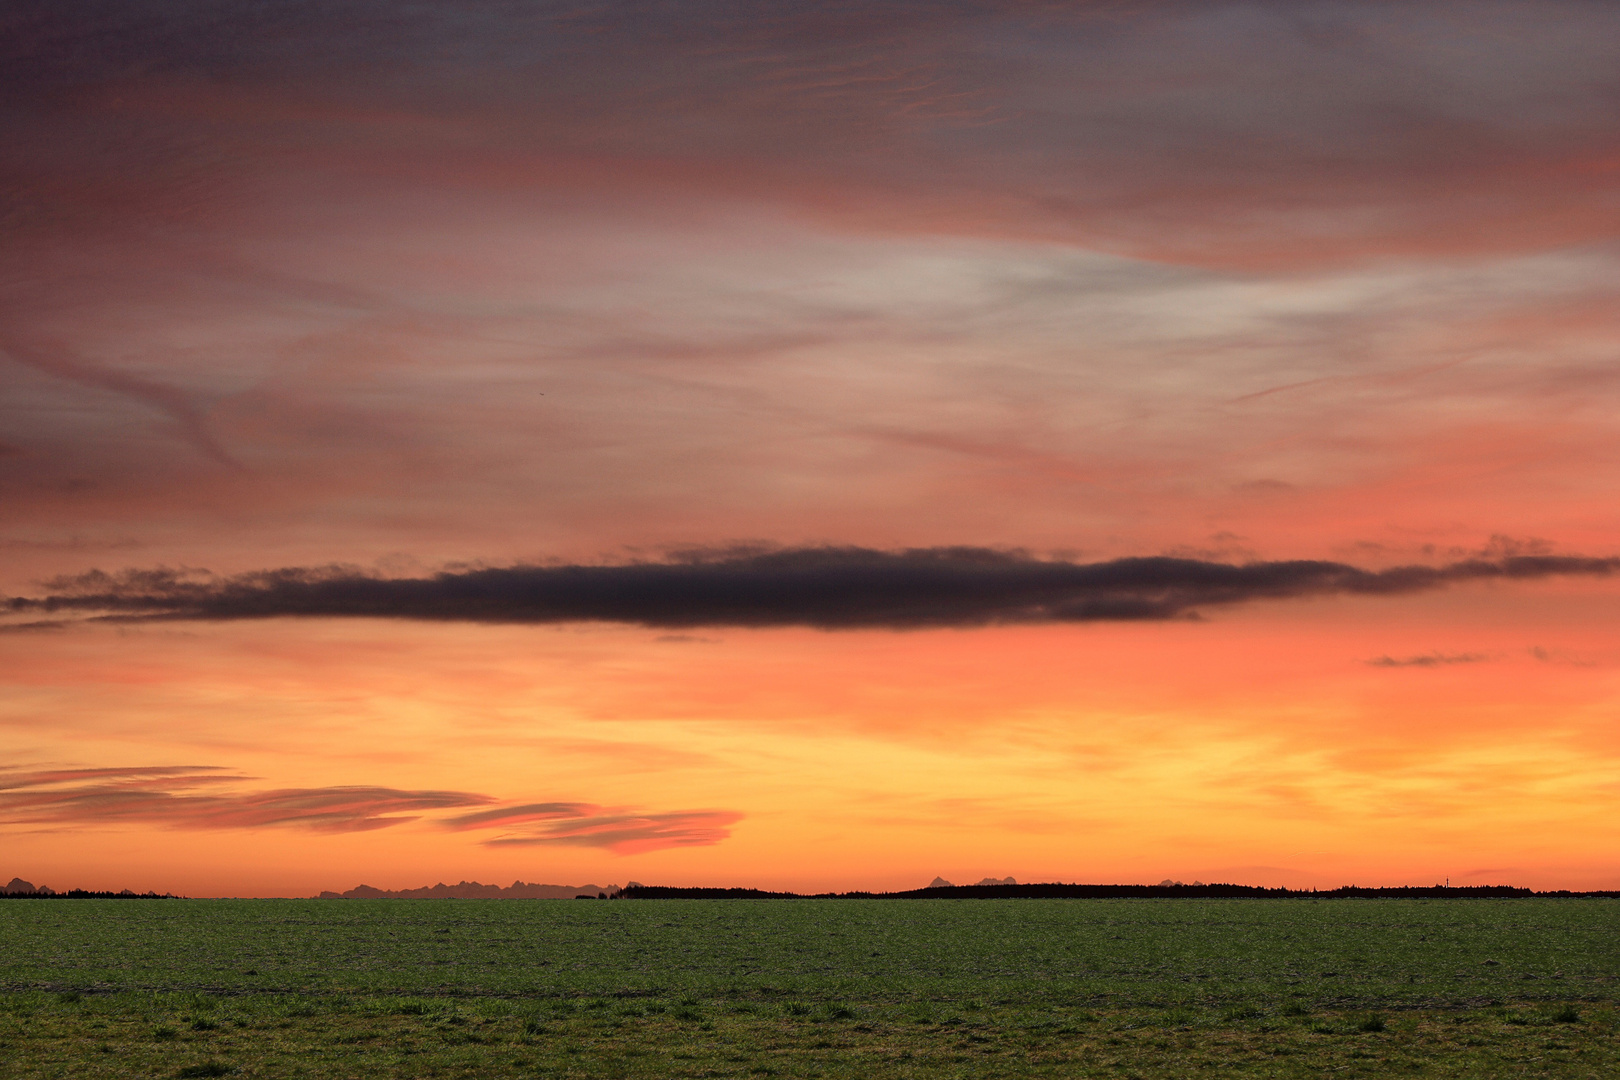 Sonnenaufgang e